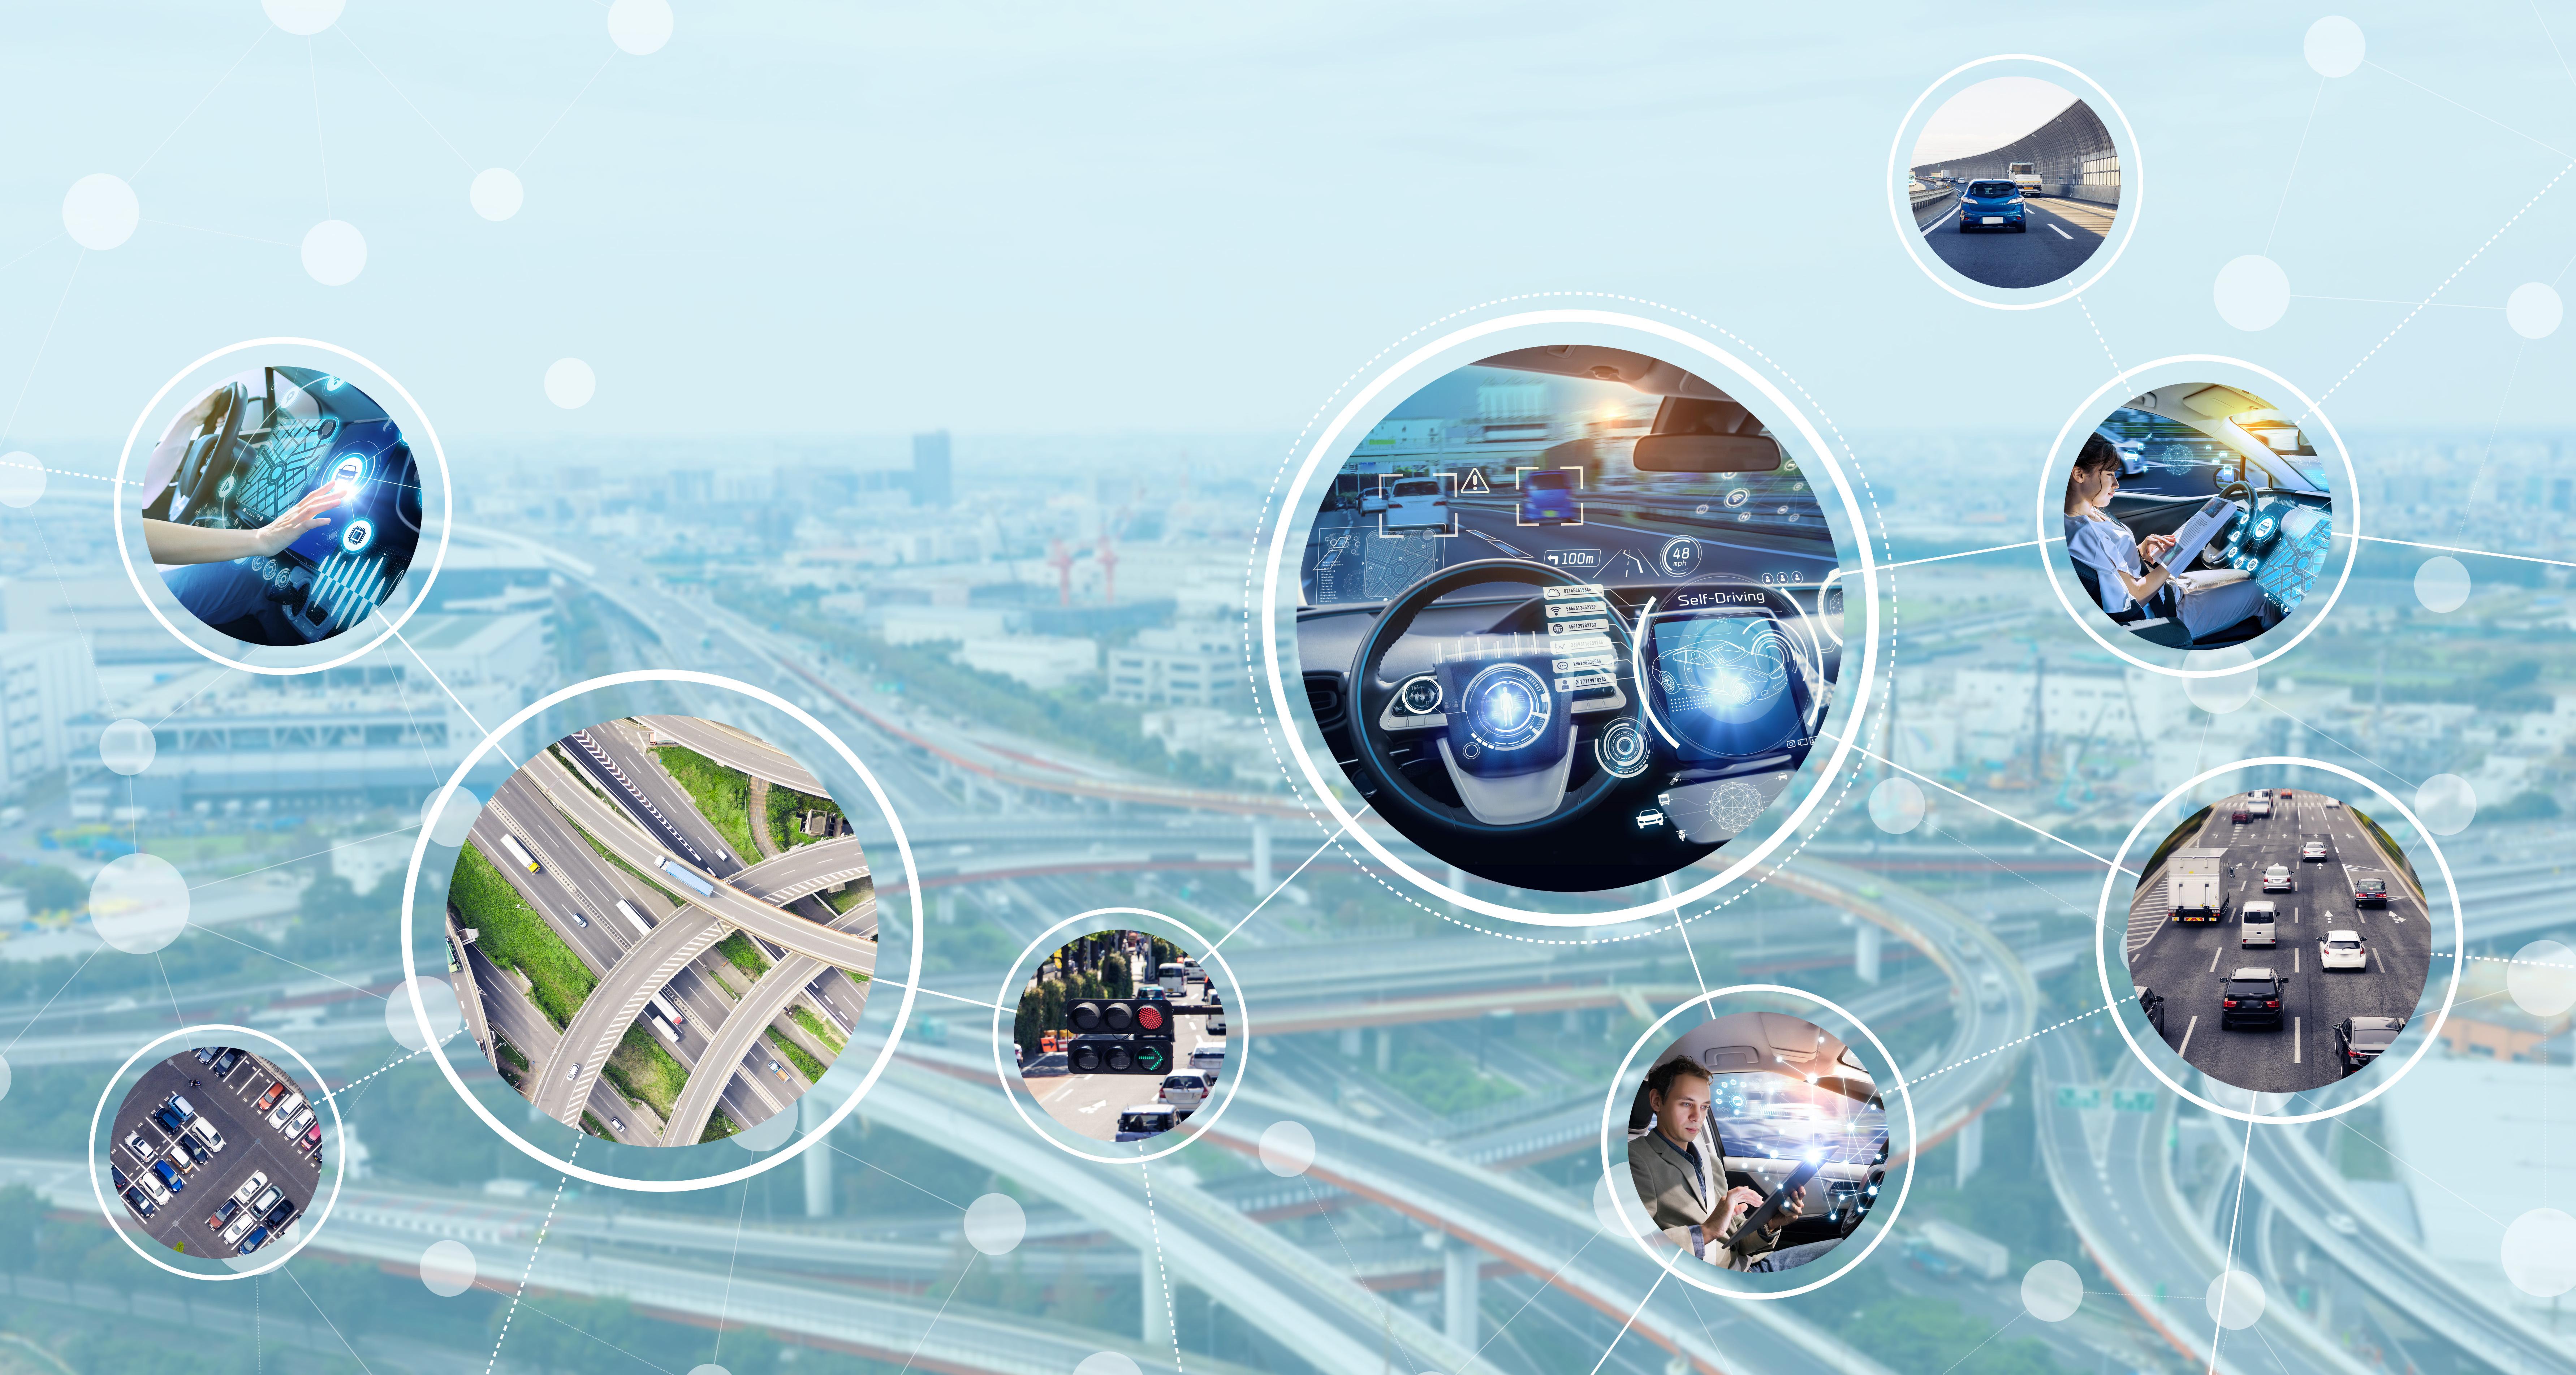 【最低限知っておくべきIoTとは】正しい意味や活用例|2030年の未来予測も